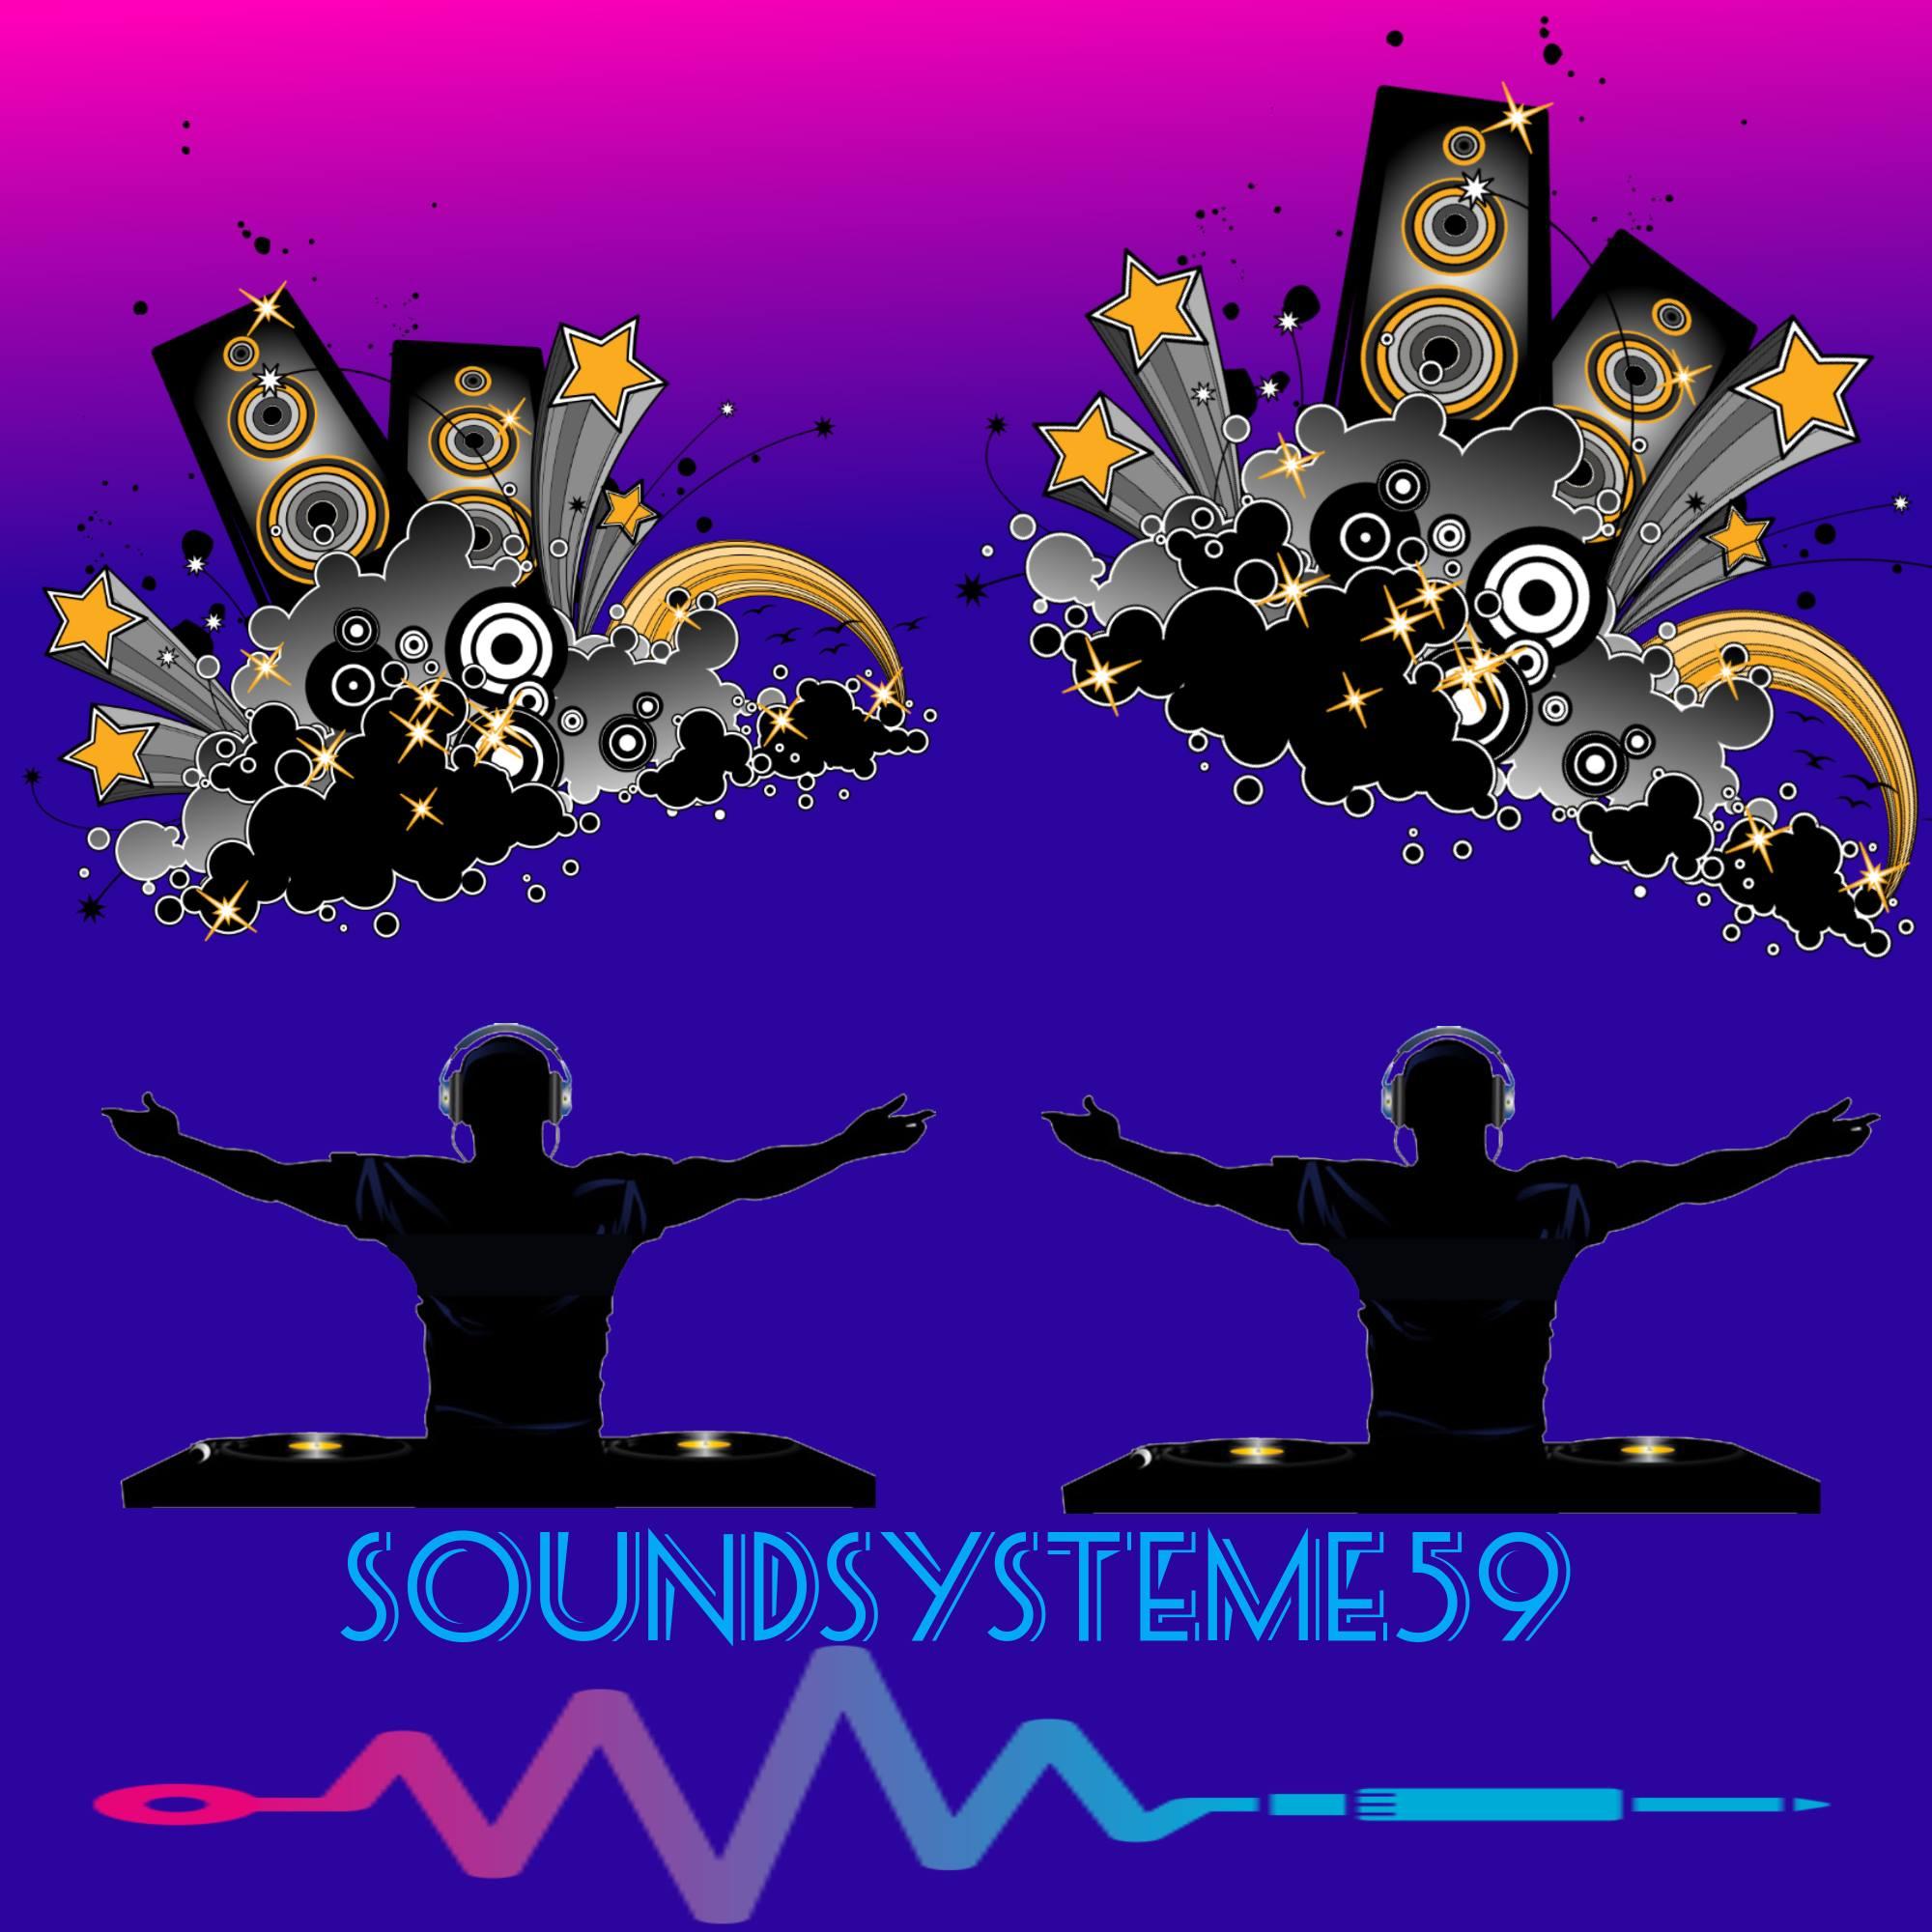 soundsysteme59